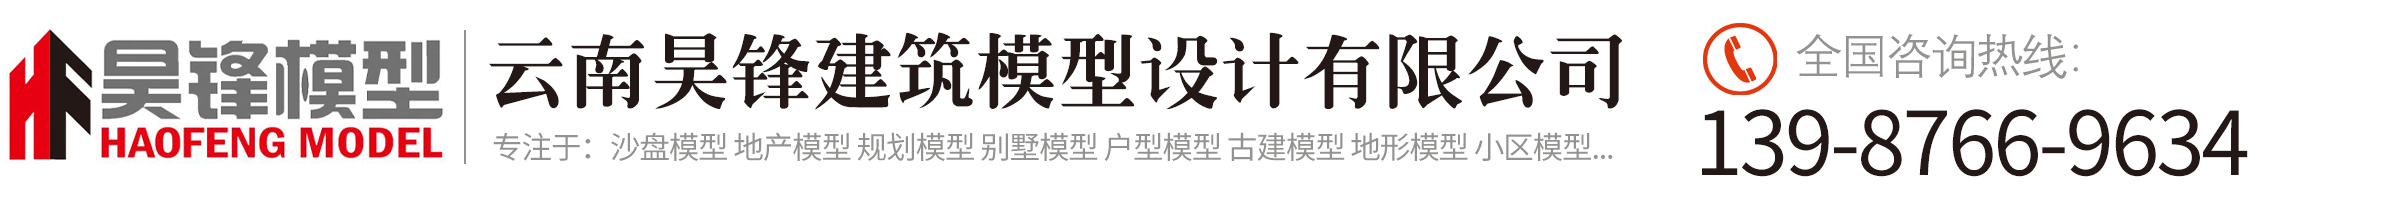 云南昊锋建筑模型设计有限公司